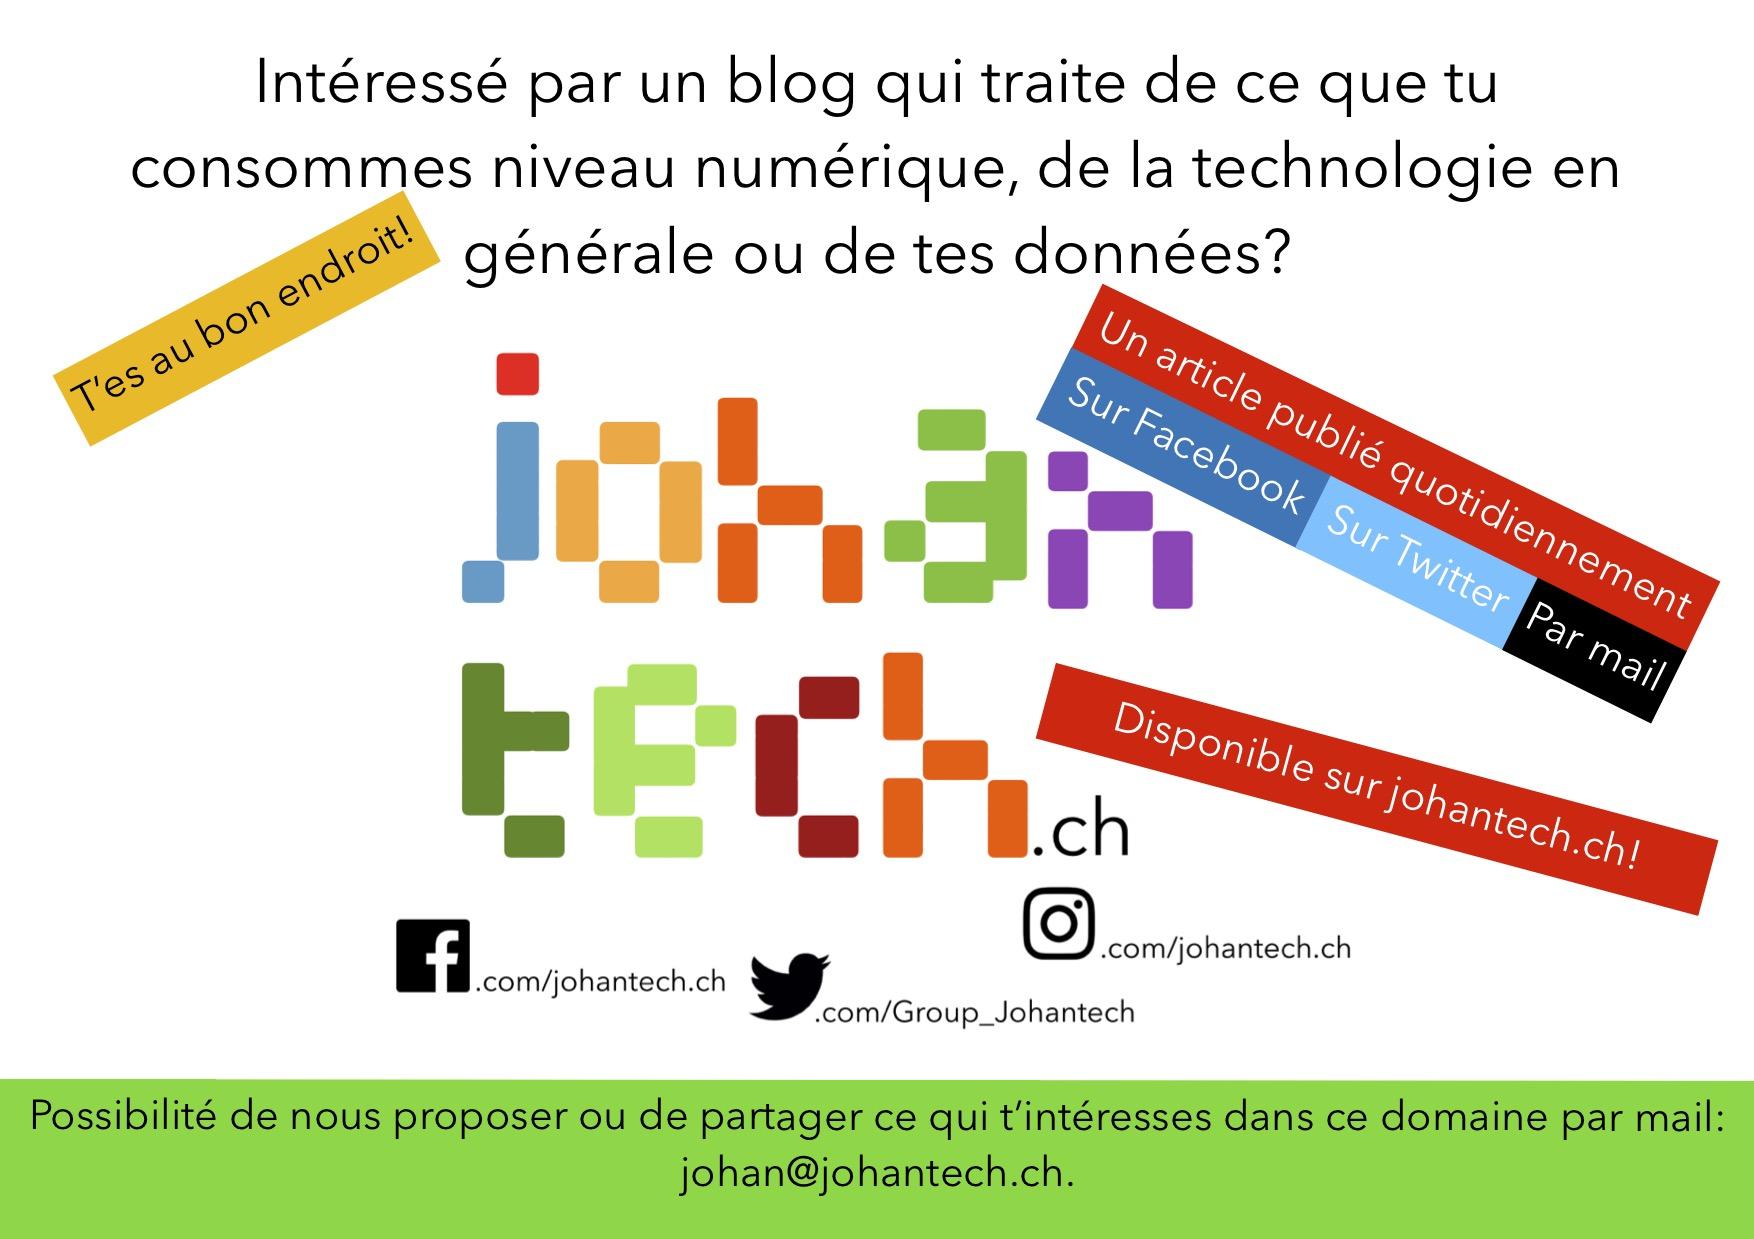 Affiche promo johantech.ch.jpg